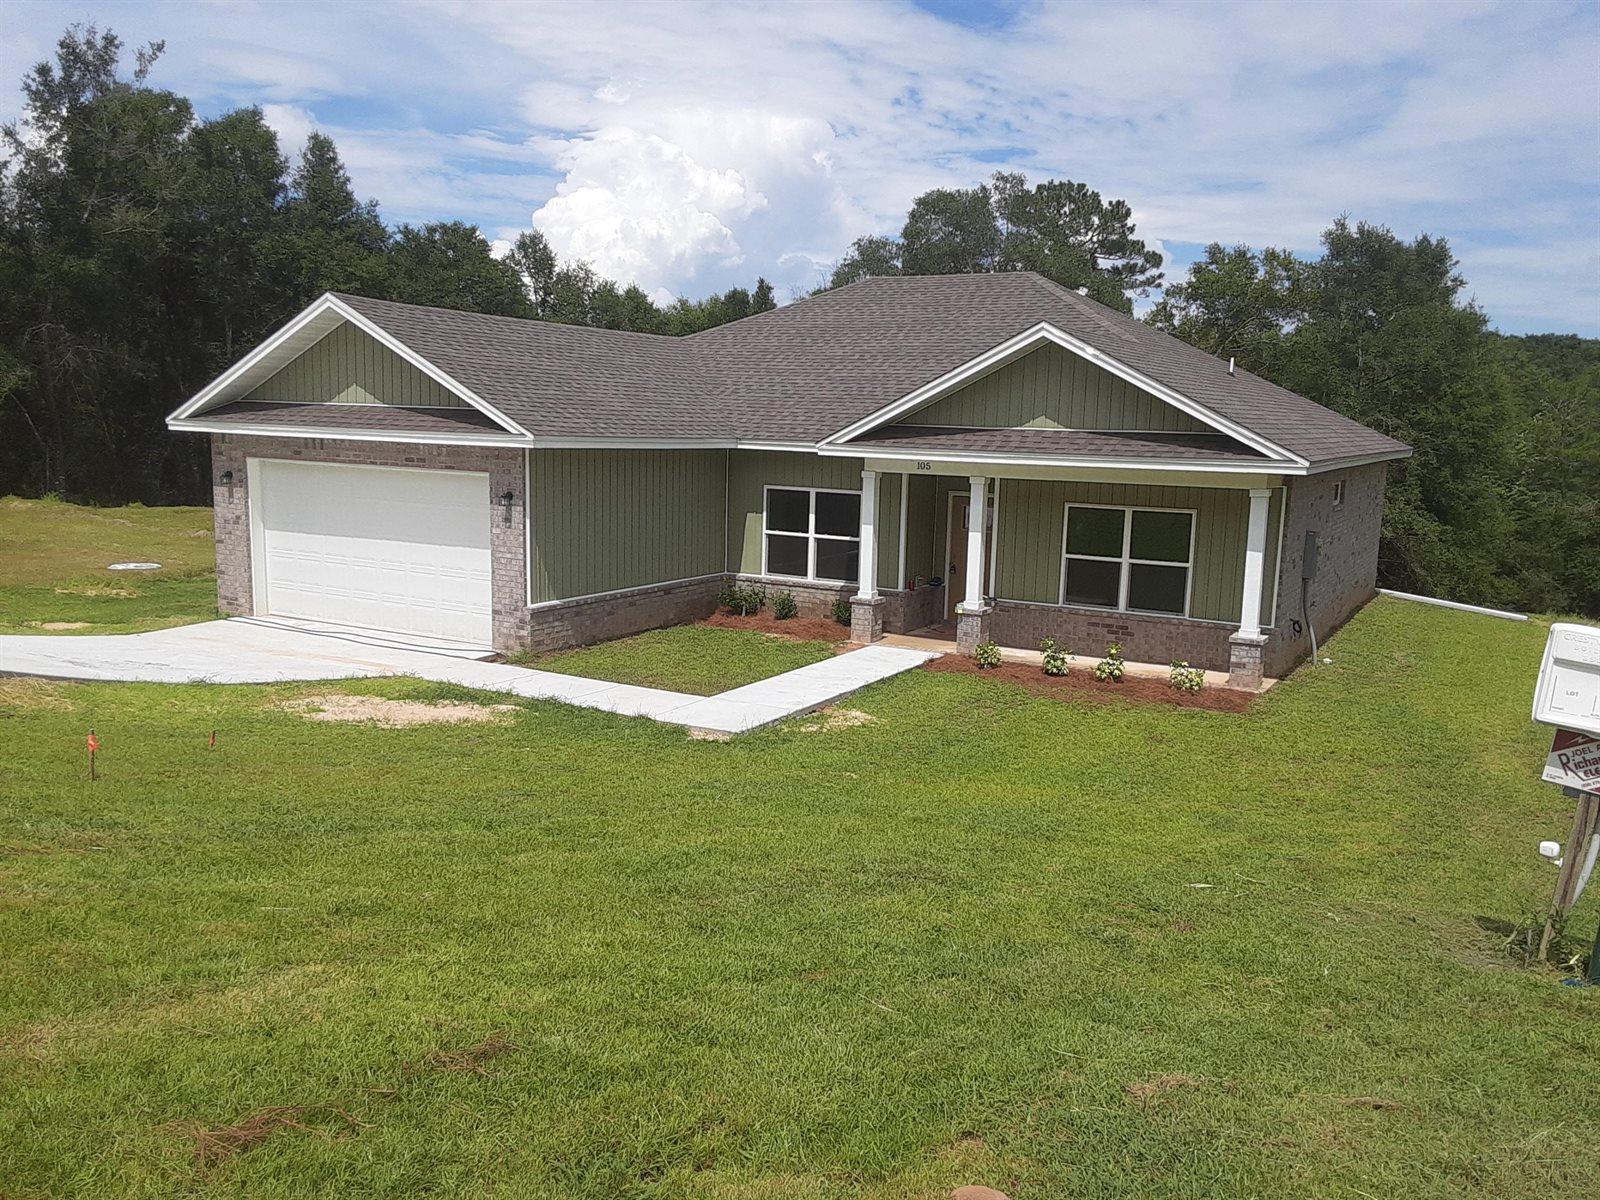 105 Brendas Way, Crestview, FL 32536